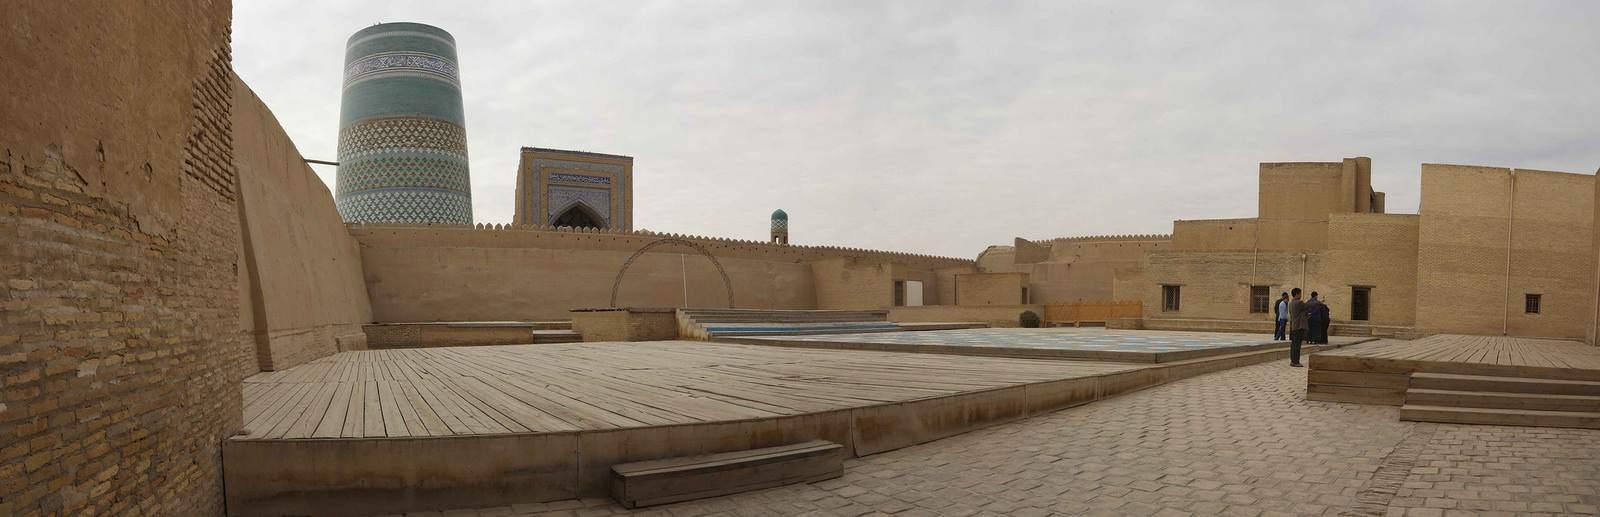 uzbekistan8 Uzbekistan   Travel to Central Asia